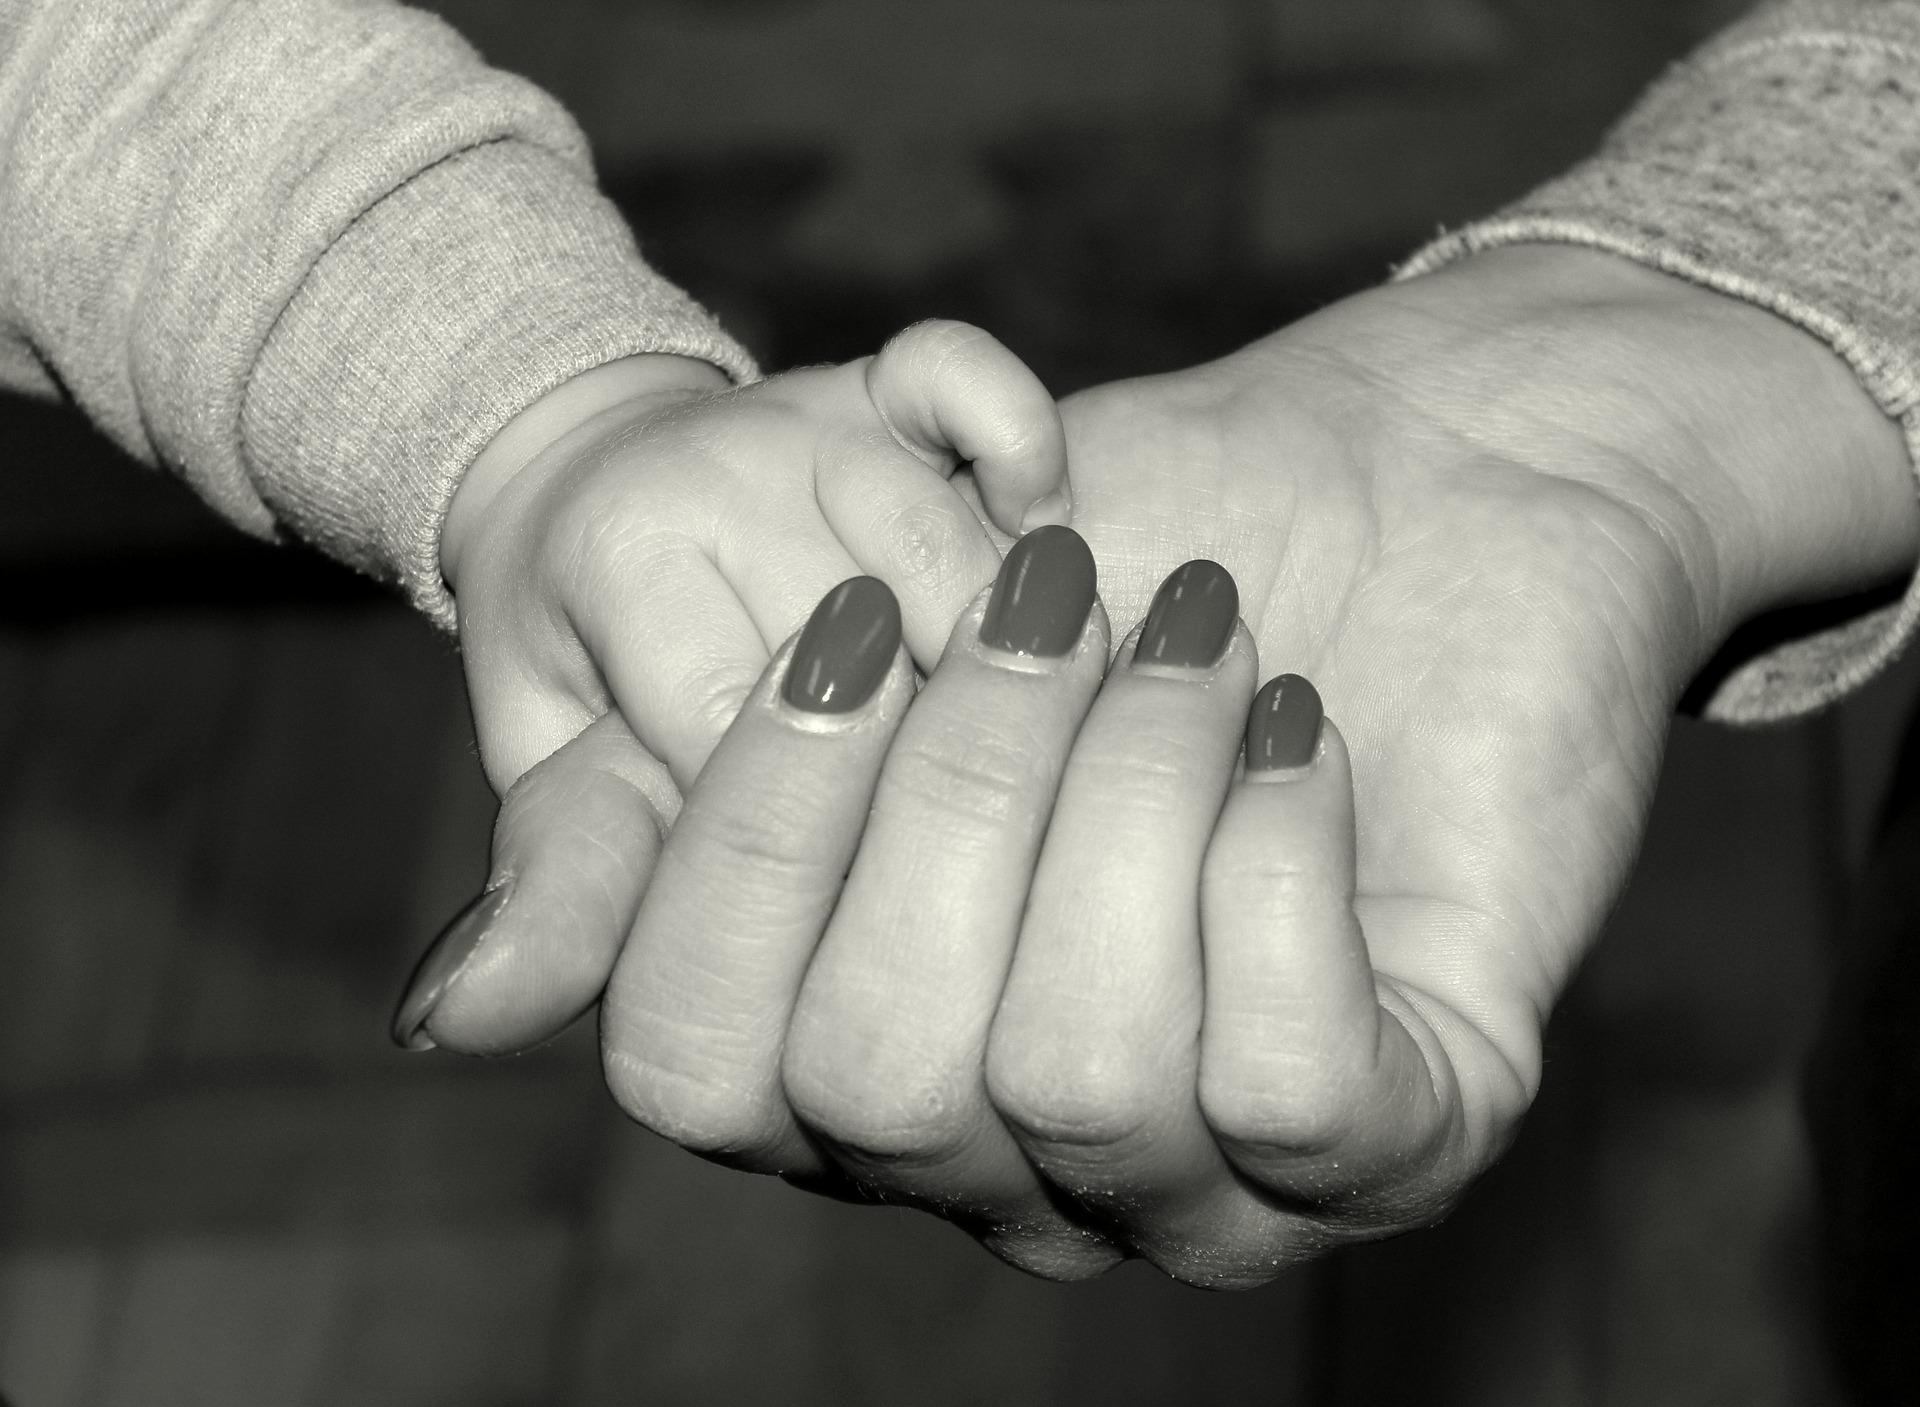 BGH: Beschwerdebefugnis für Angehörige, die nicht nur, aber auch im Interesse eines Betreuten handeln 6